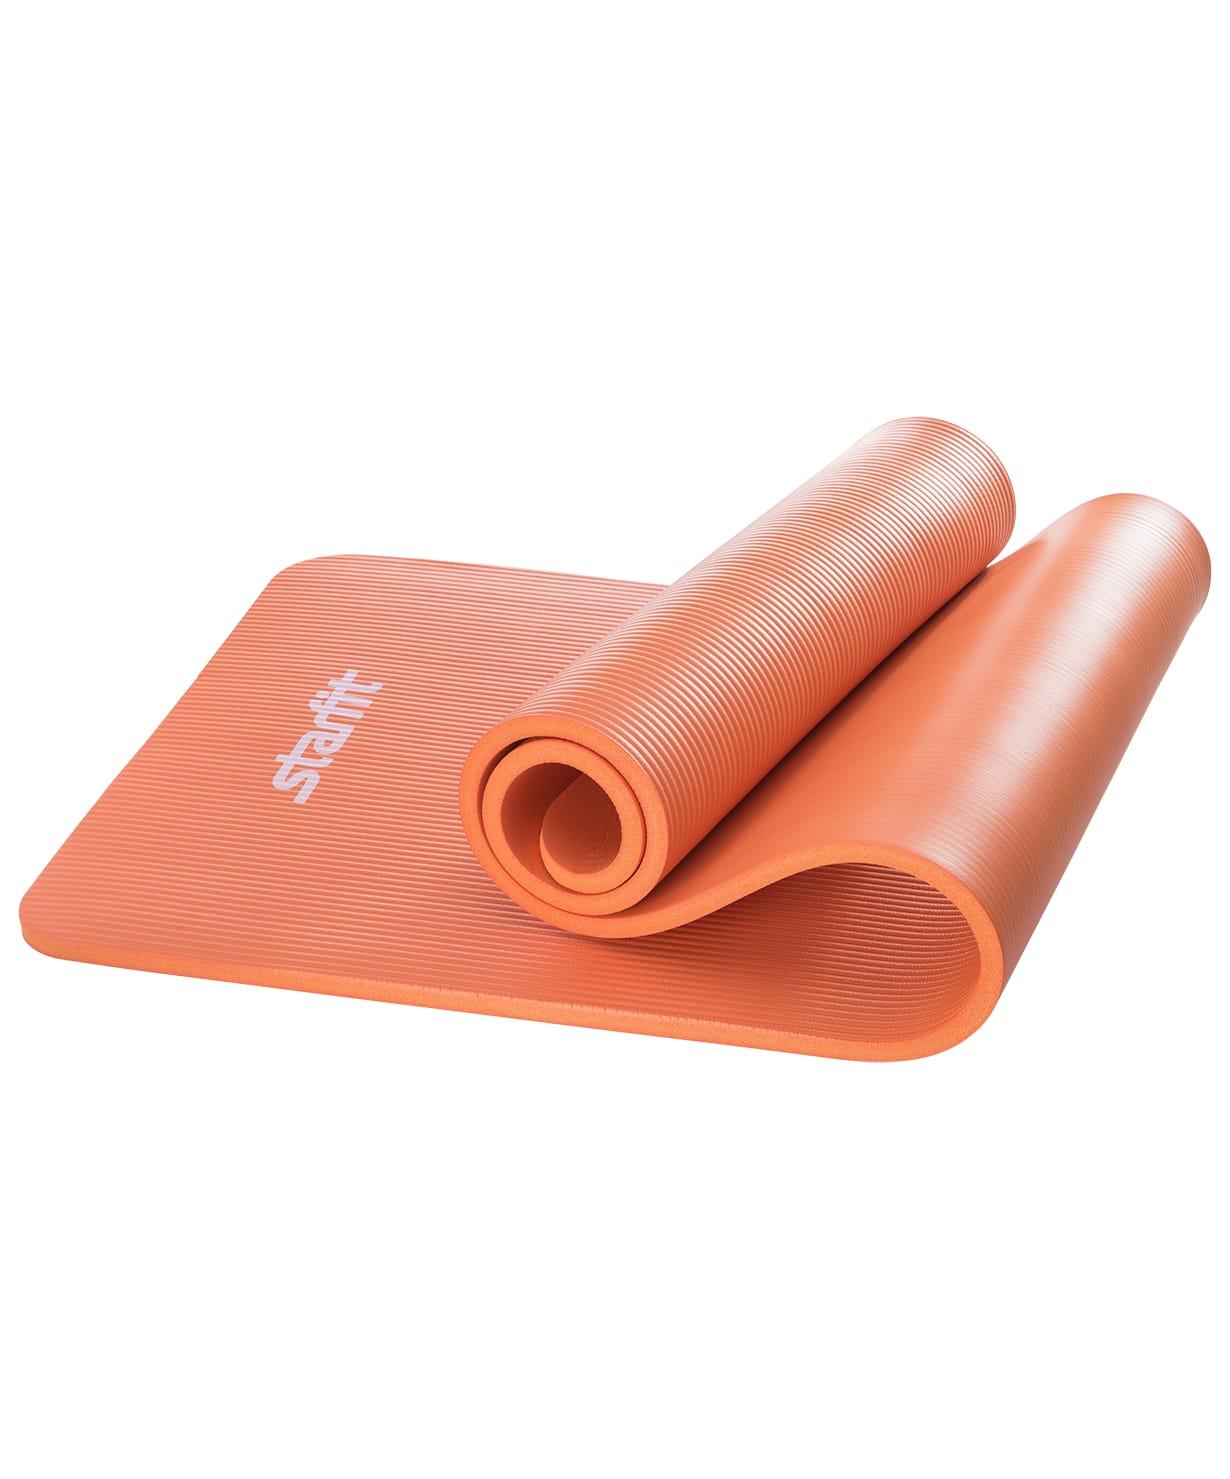 Коврик для йоги и фитнеса Yoga Star 1,5 см (183 см, 1,5 см, оранжевый, 60 см)